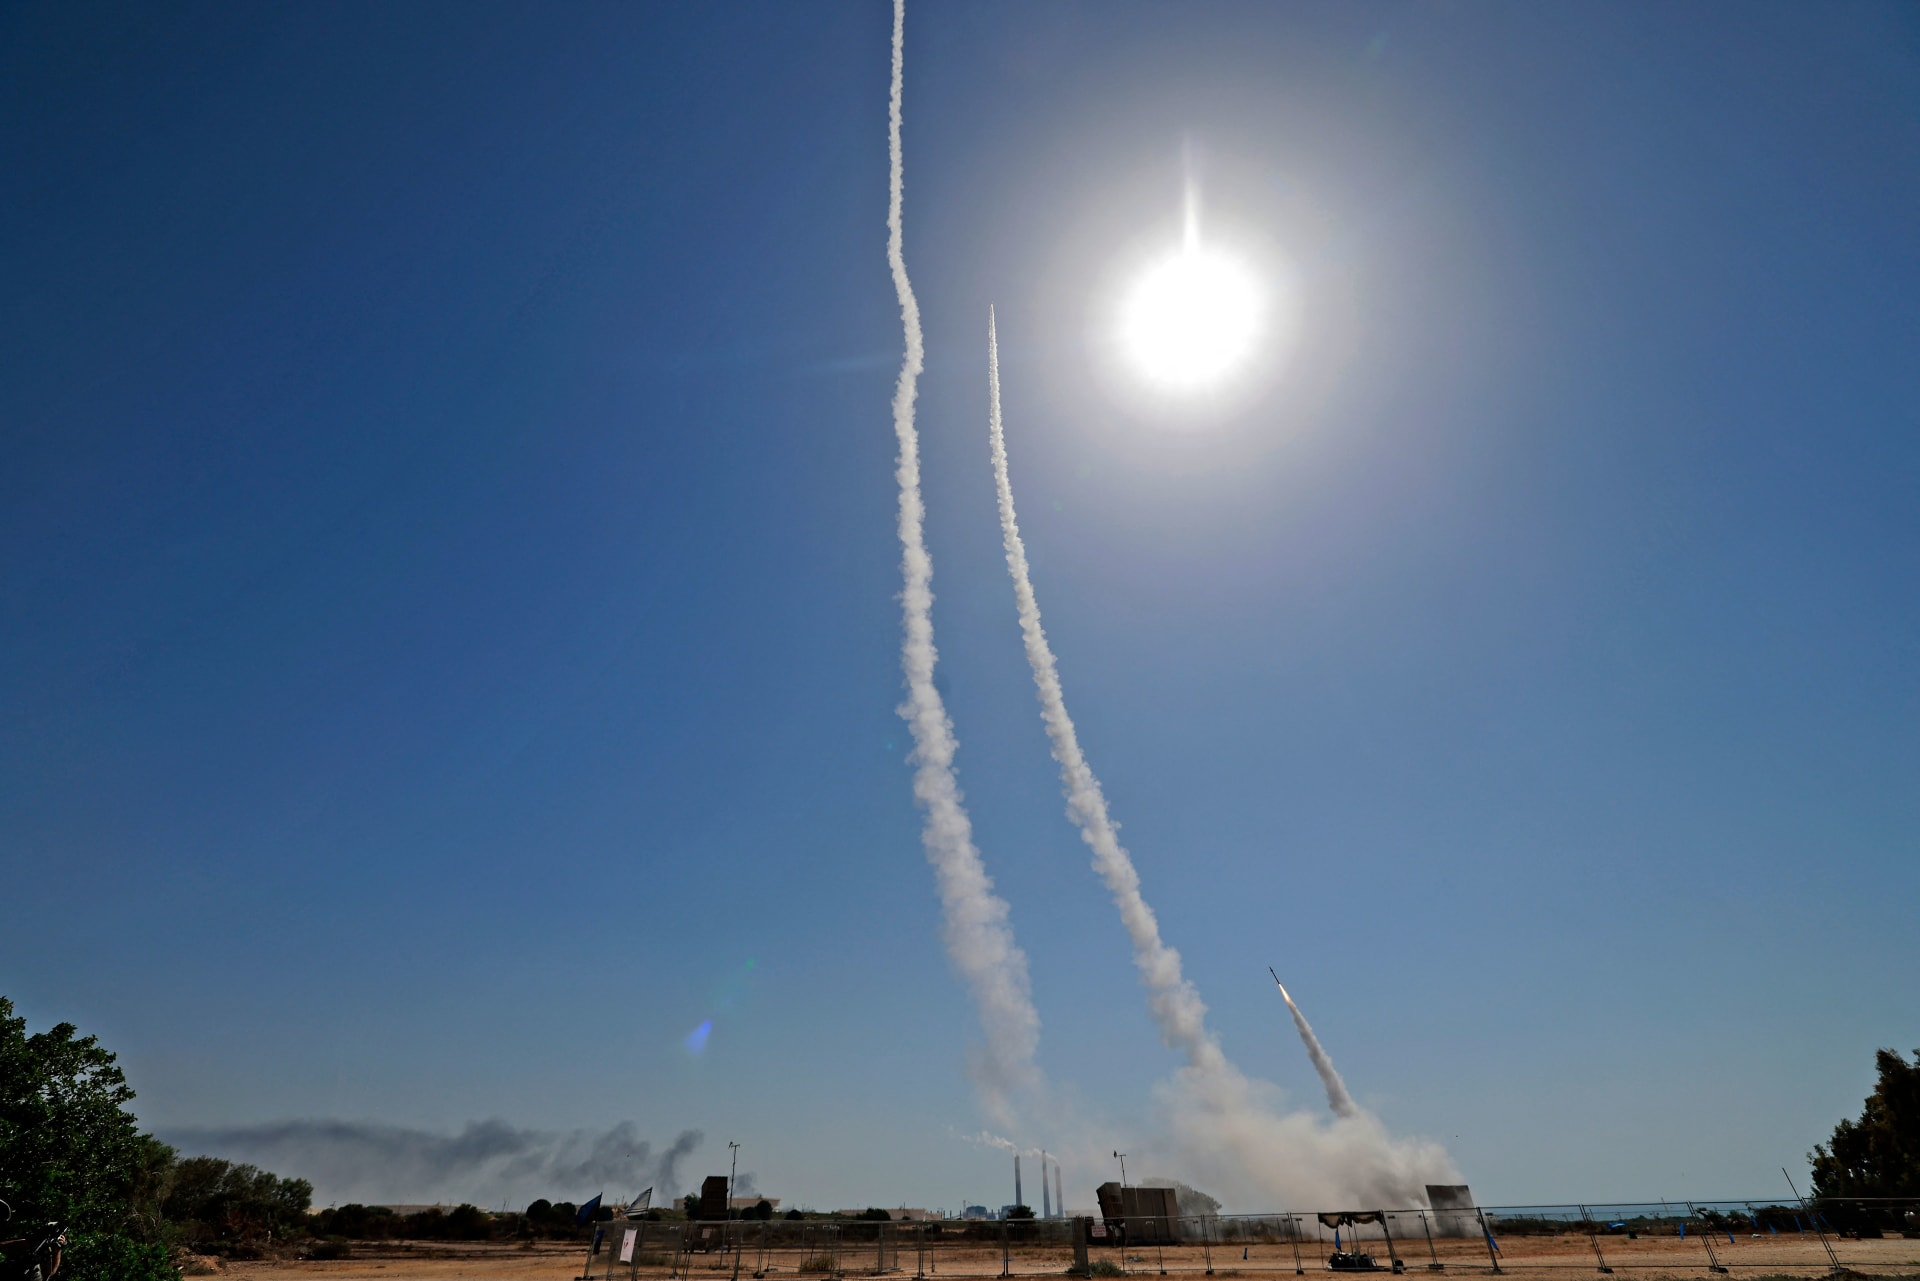 """كتائب القسام تستهدف إسرائيل بـ""""درونز"""" مفخخة.. وأدرعي ينشر فيديو """"مصير طائرة شهاب"""""""